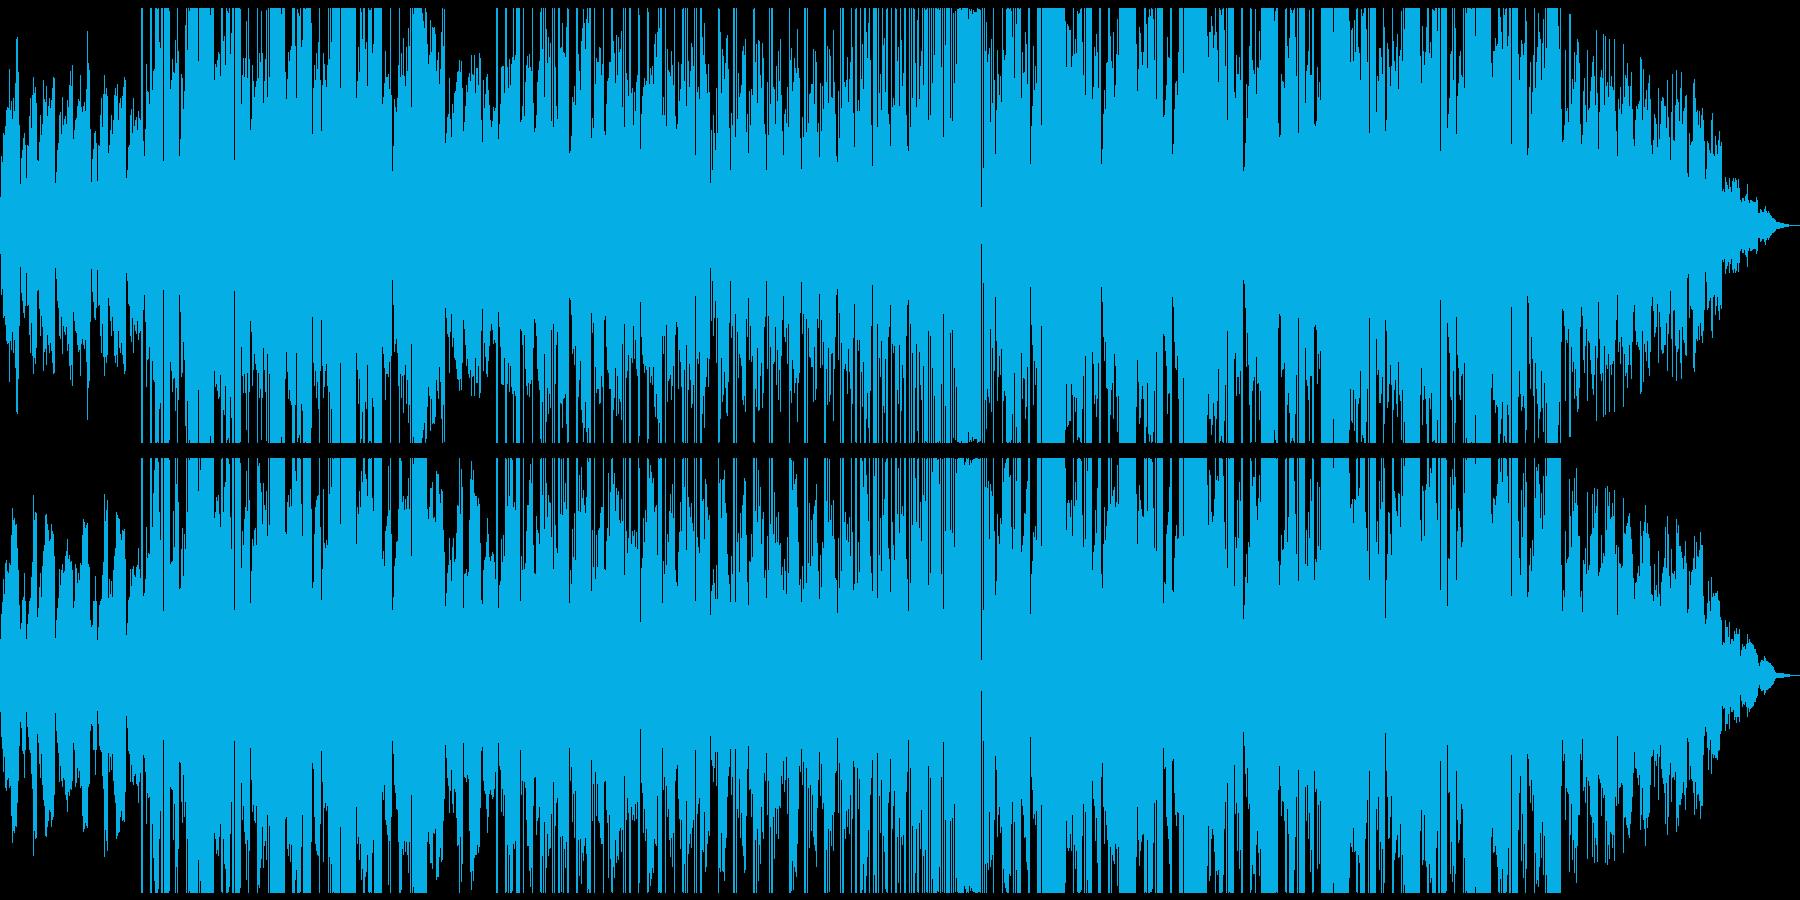 可愛い系LoFiエレクトロ ミドルテンポの再生済みの波形